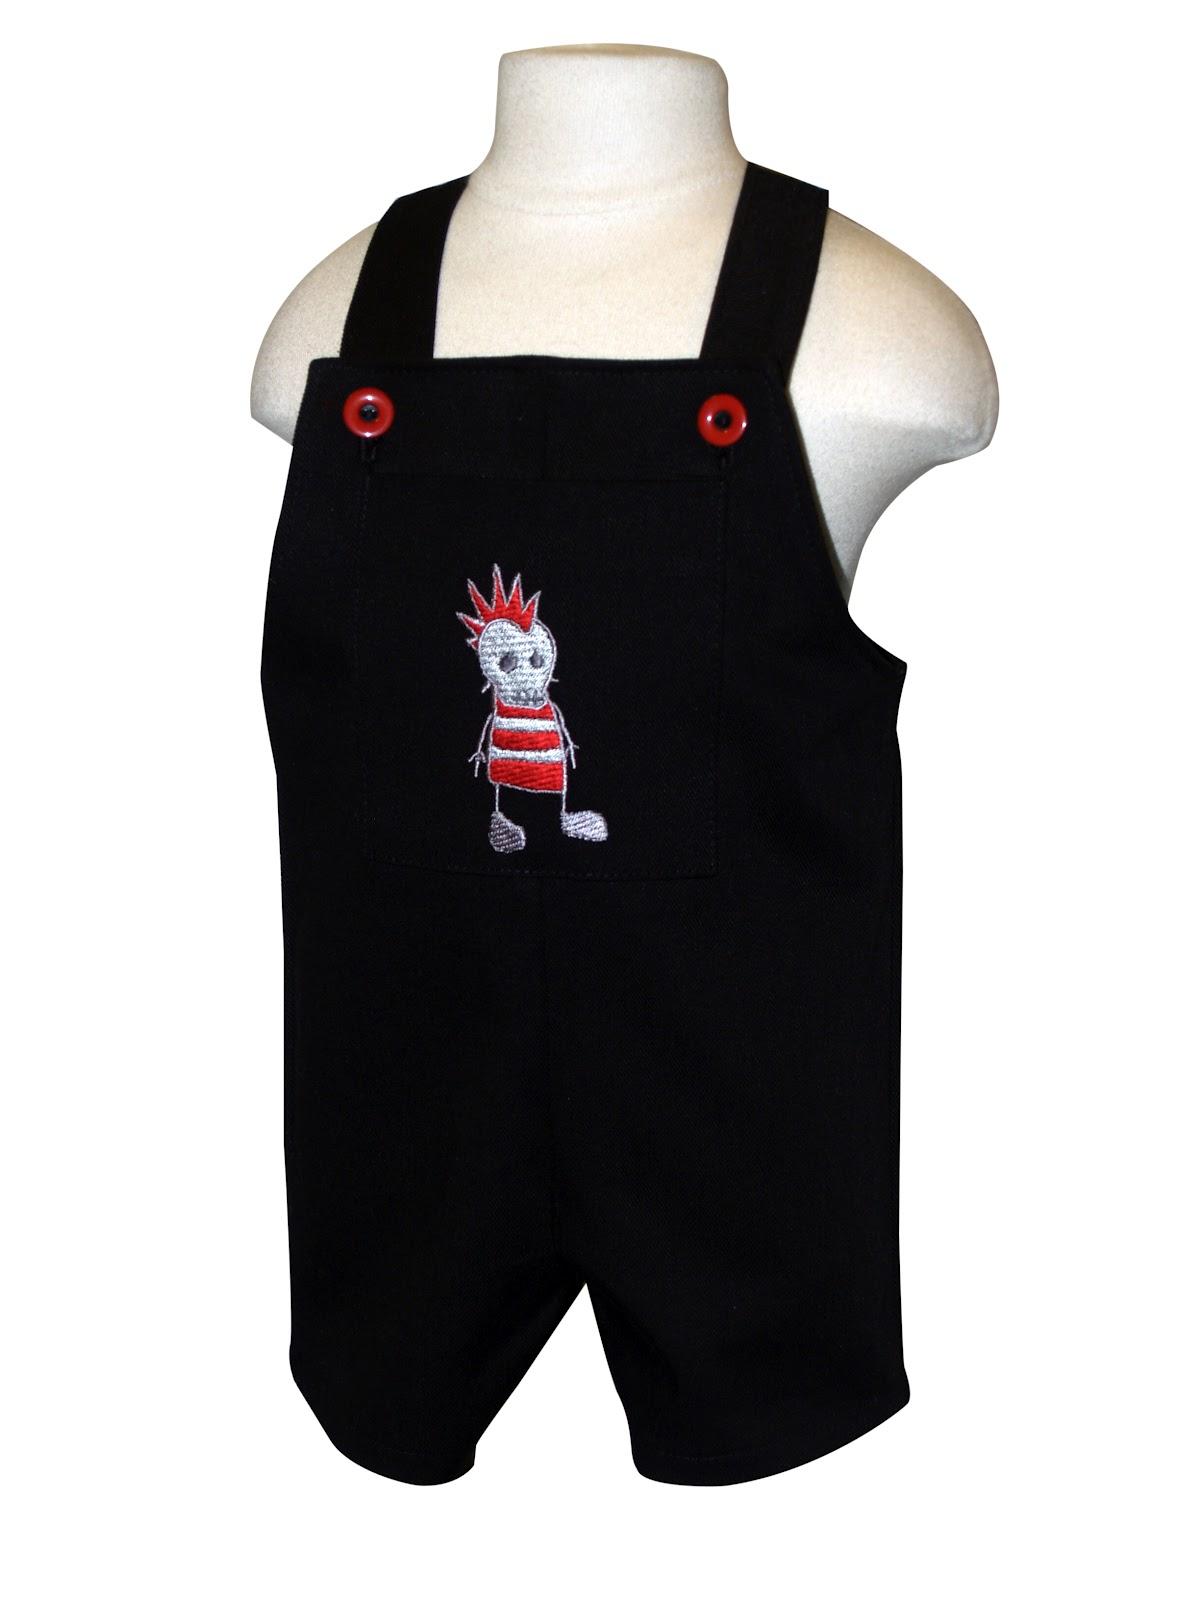 Punk Baby Clothing